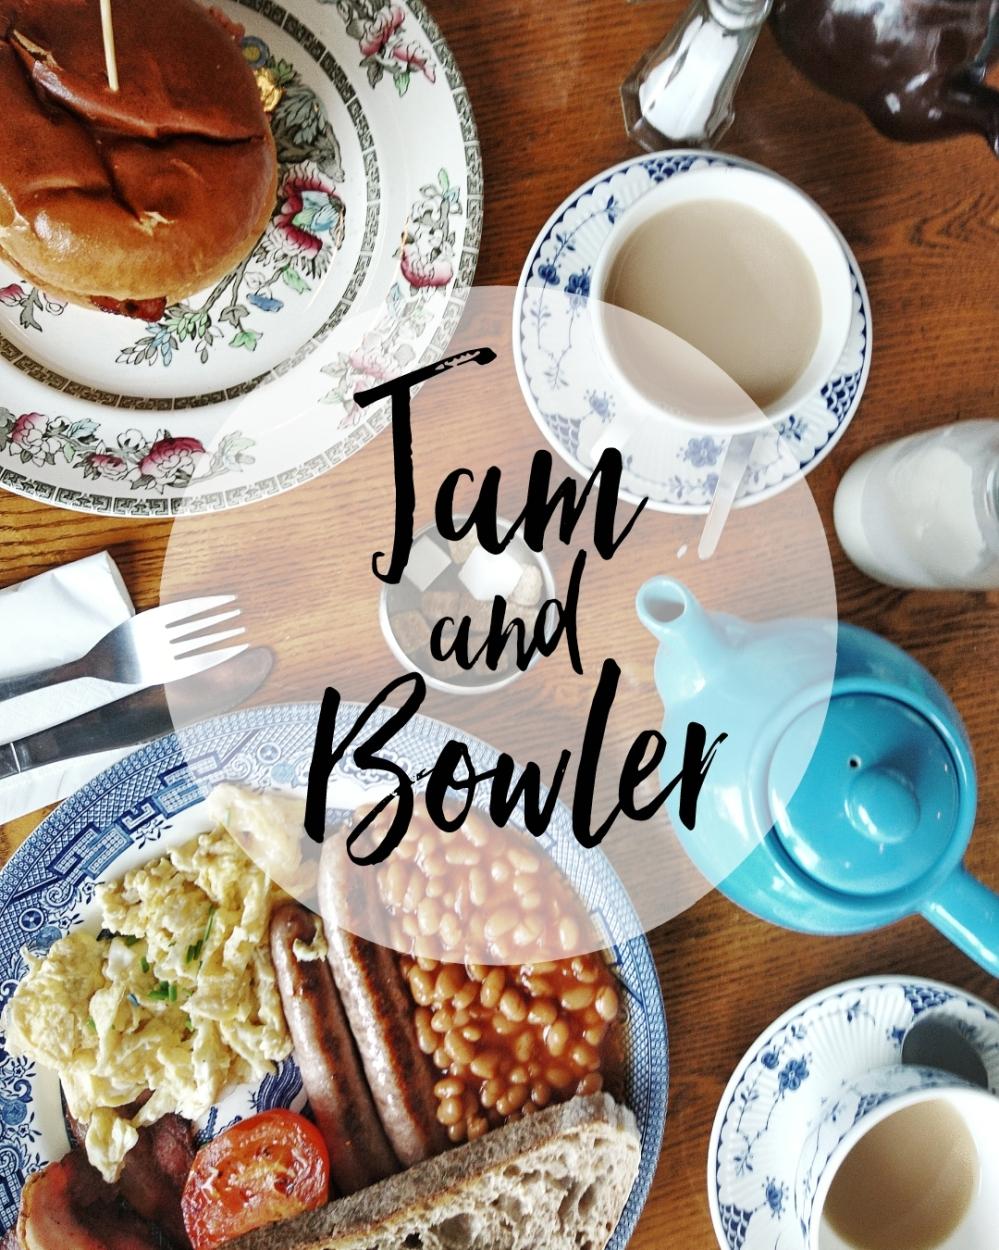 Jam and Bowler